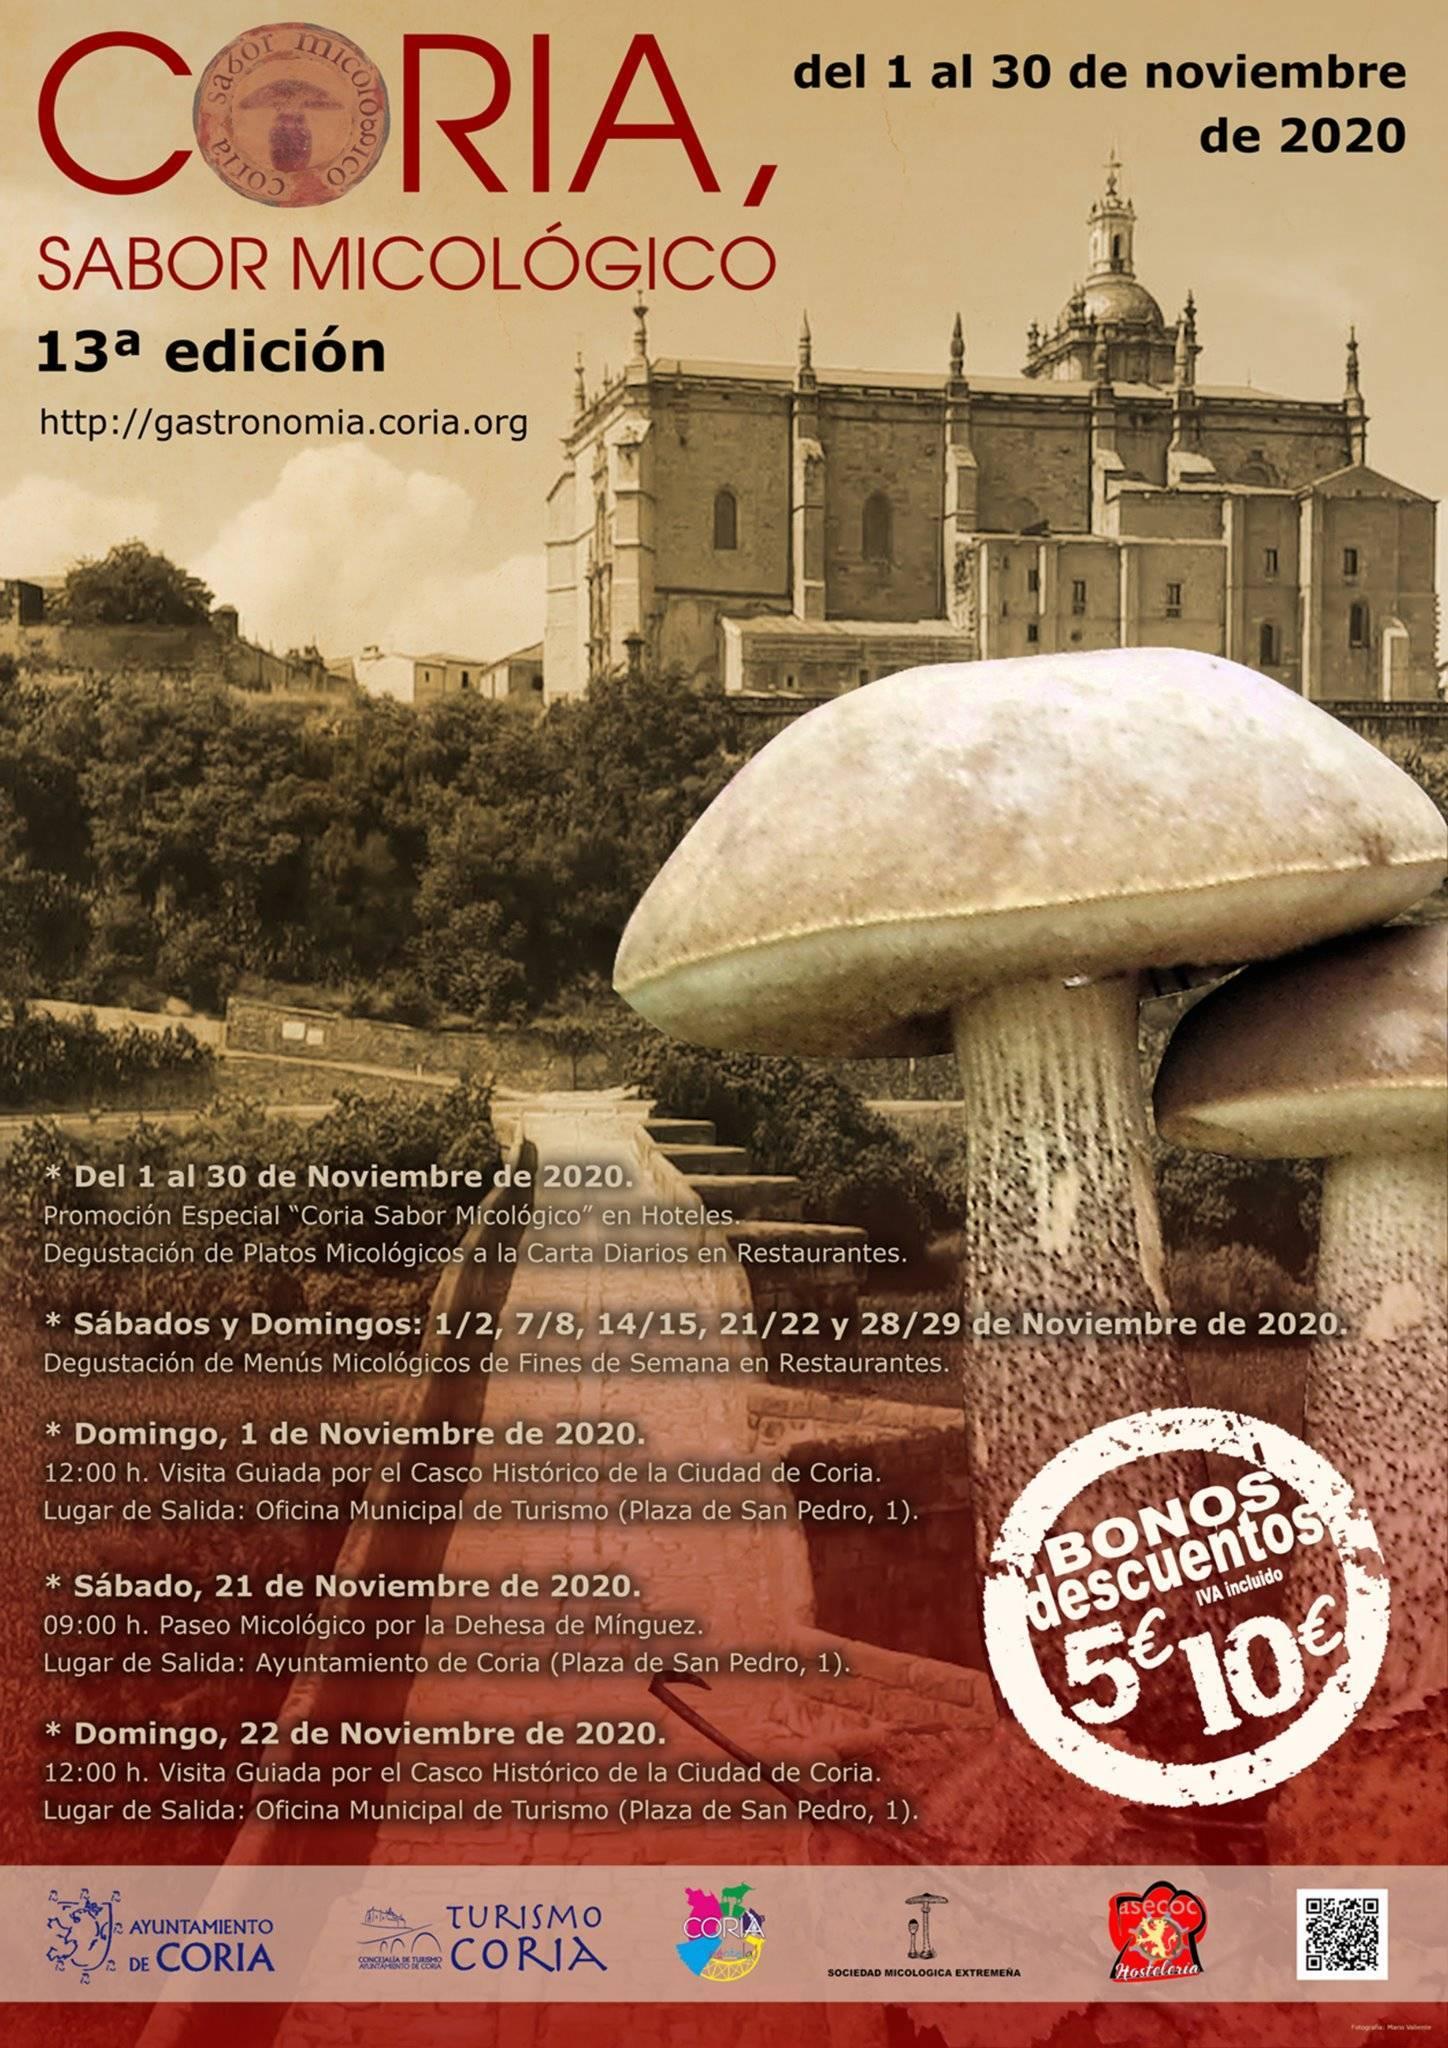 Sabor micológico (2020) - Coria (Cáceres) 1